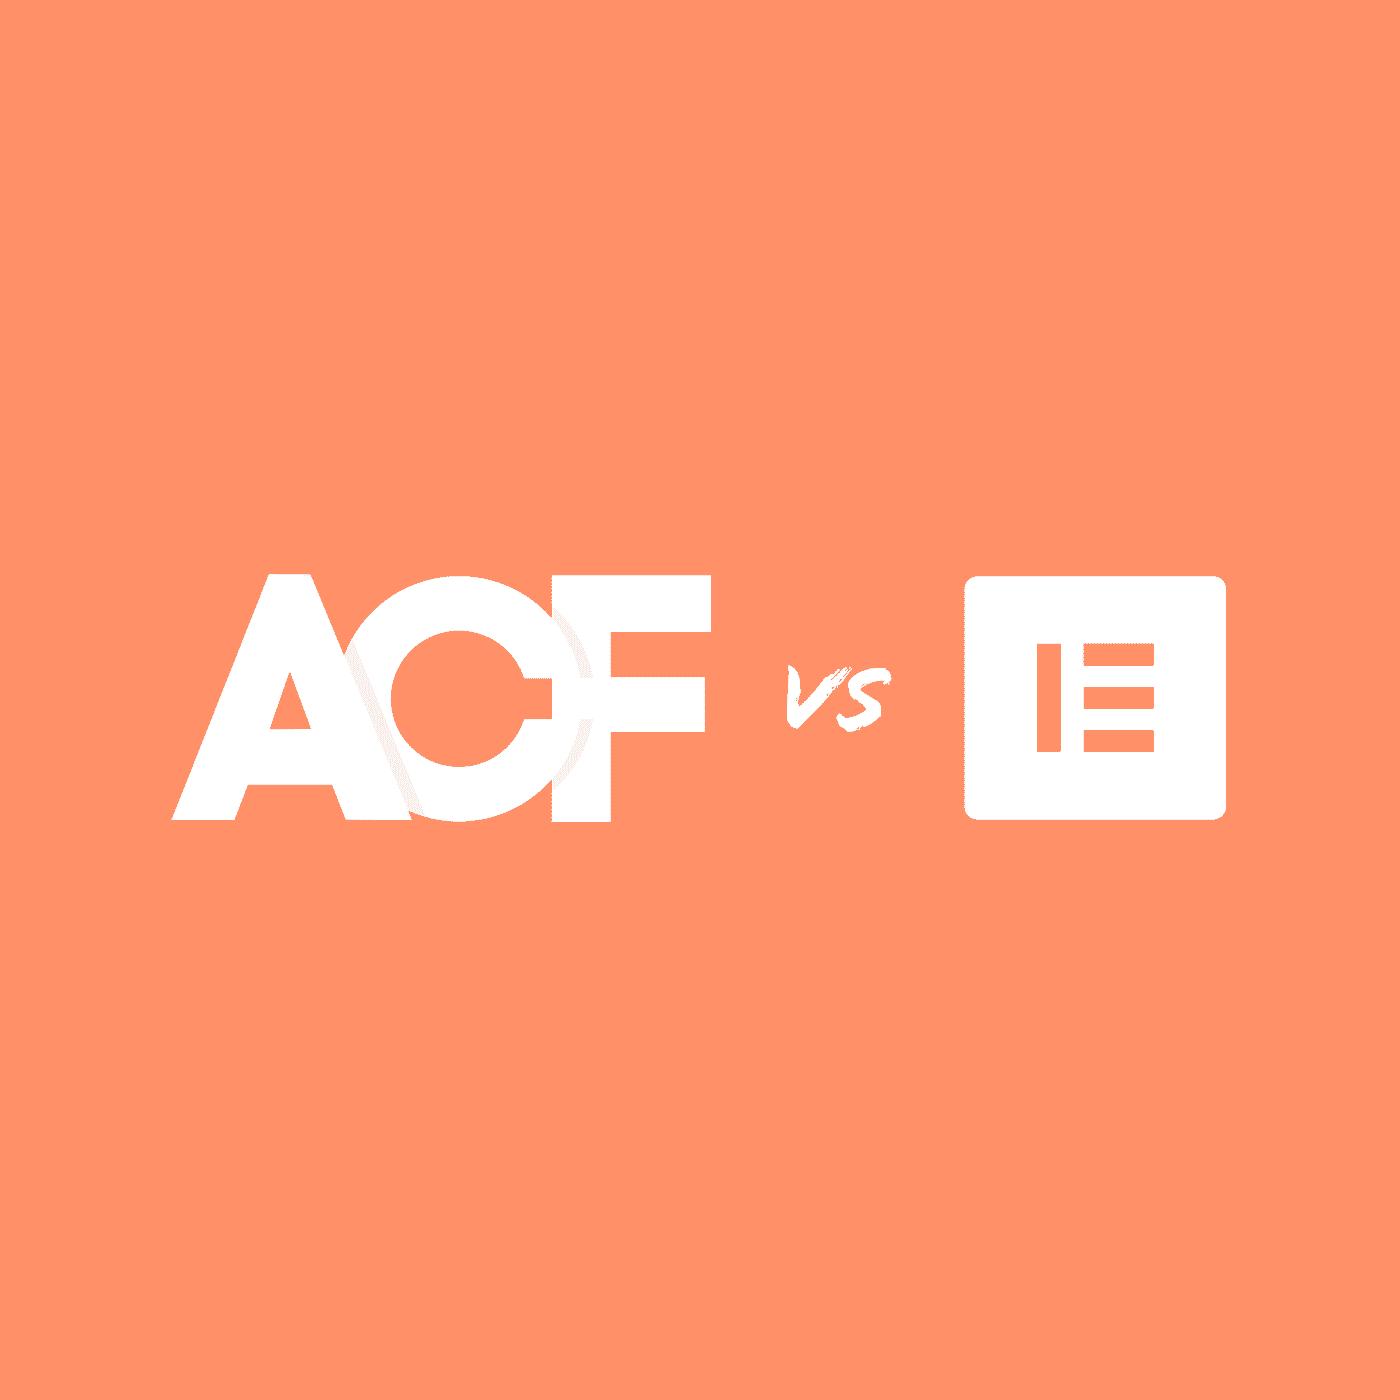 שימוש ב-ACF לעומת פייג׳ בילדרים